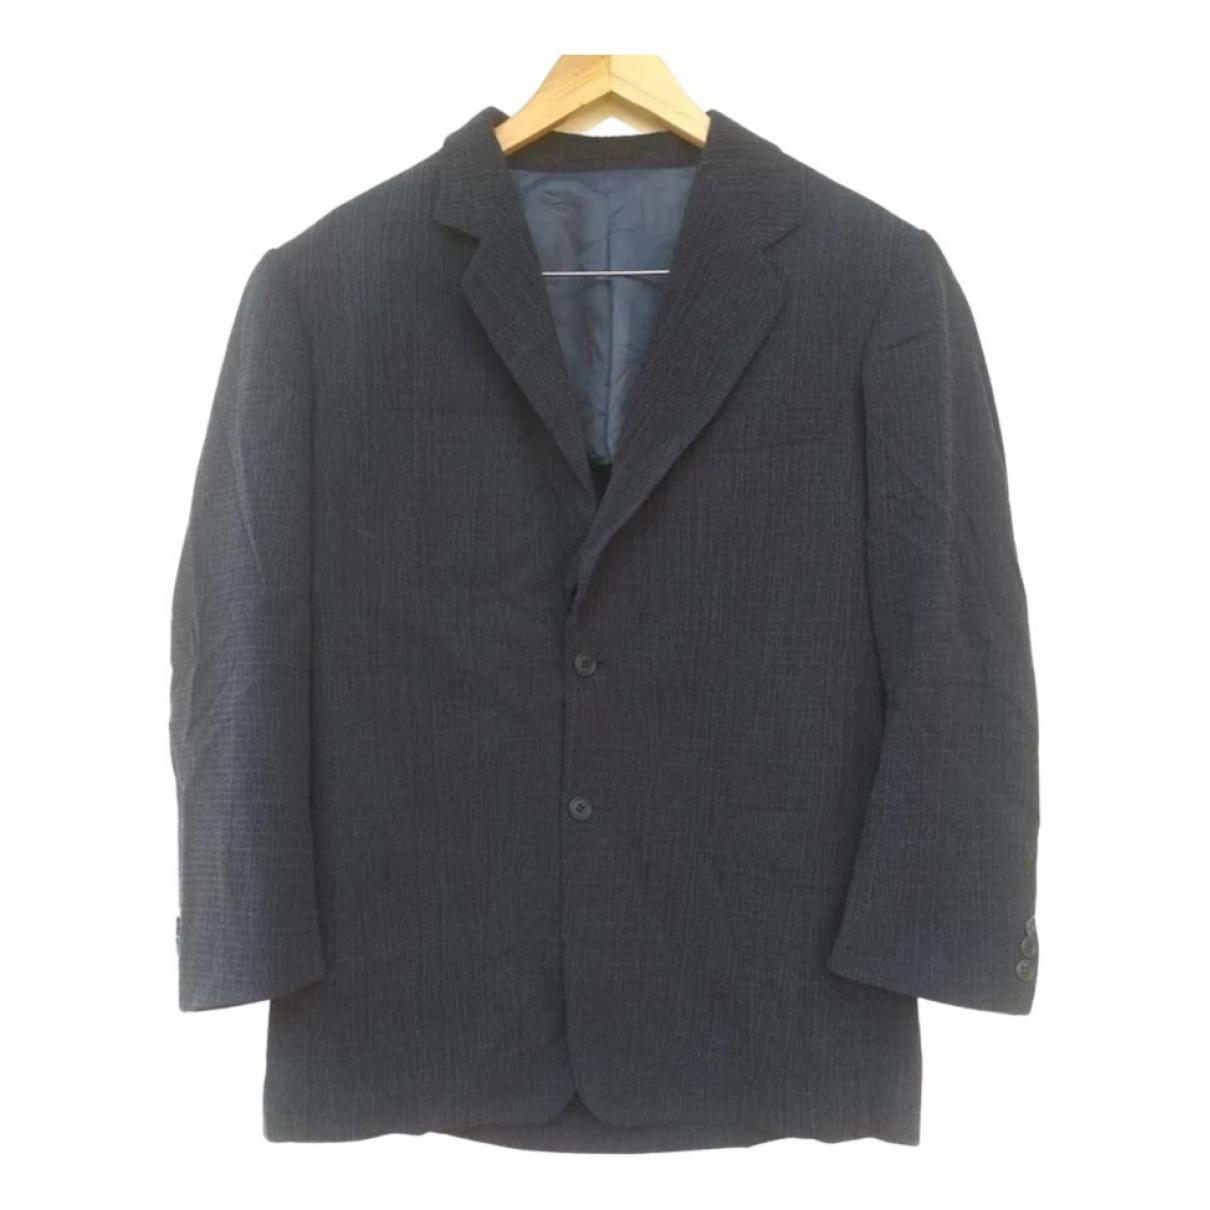 Lanvin - Manteau   pour homme en coton